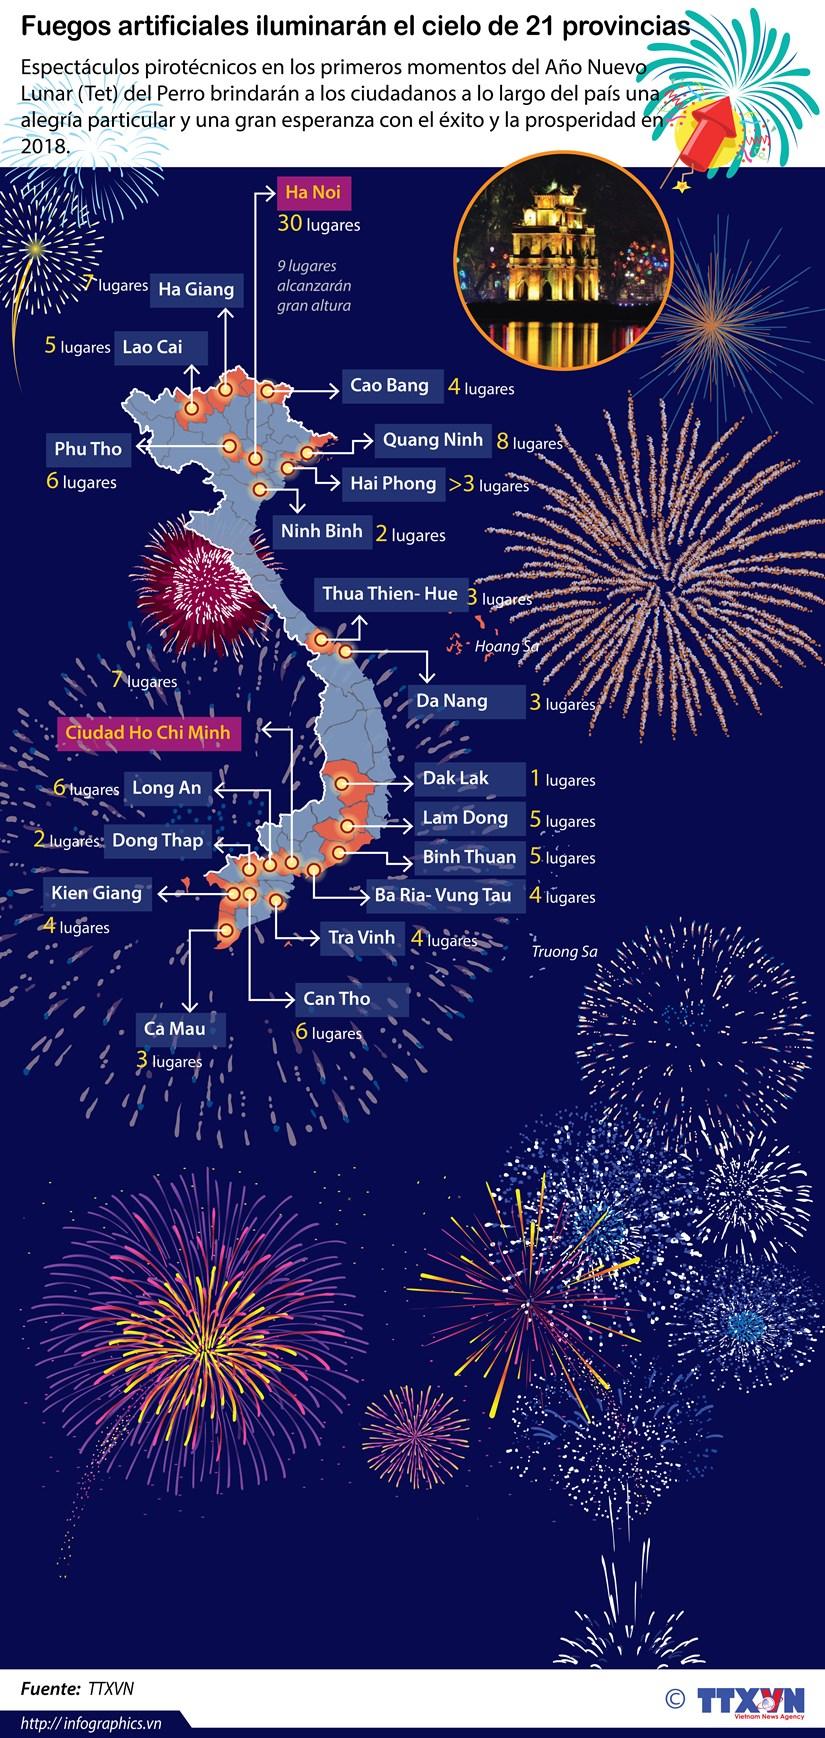 Fuegos artificiales iluminaran el cielo de 21 provincias hinh anh 1